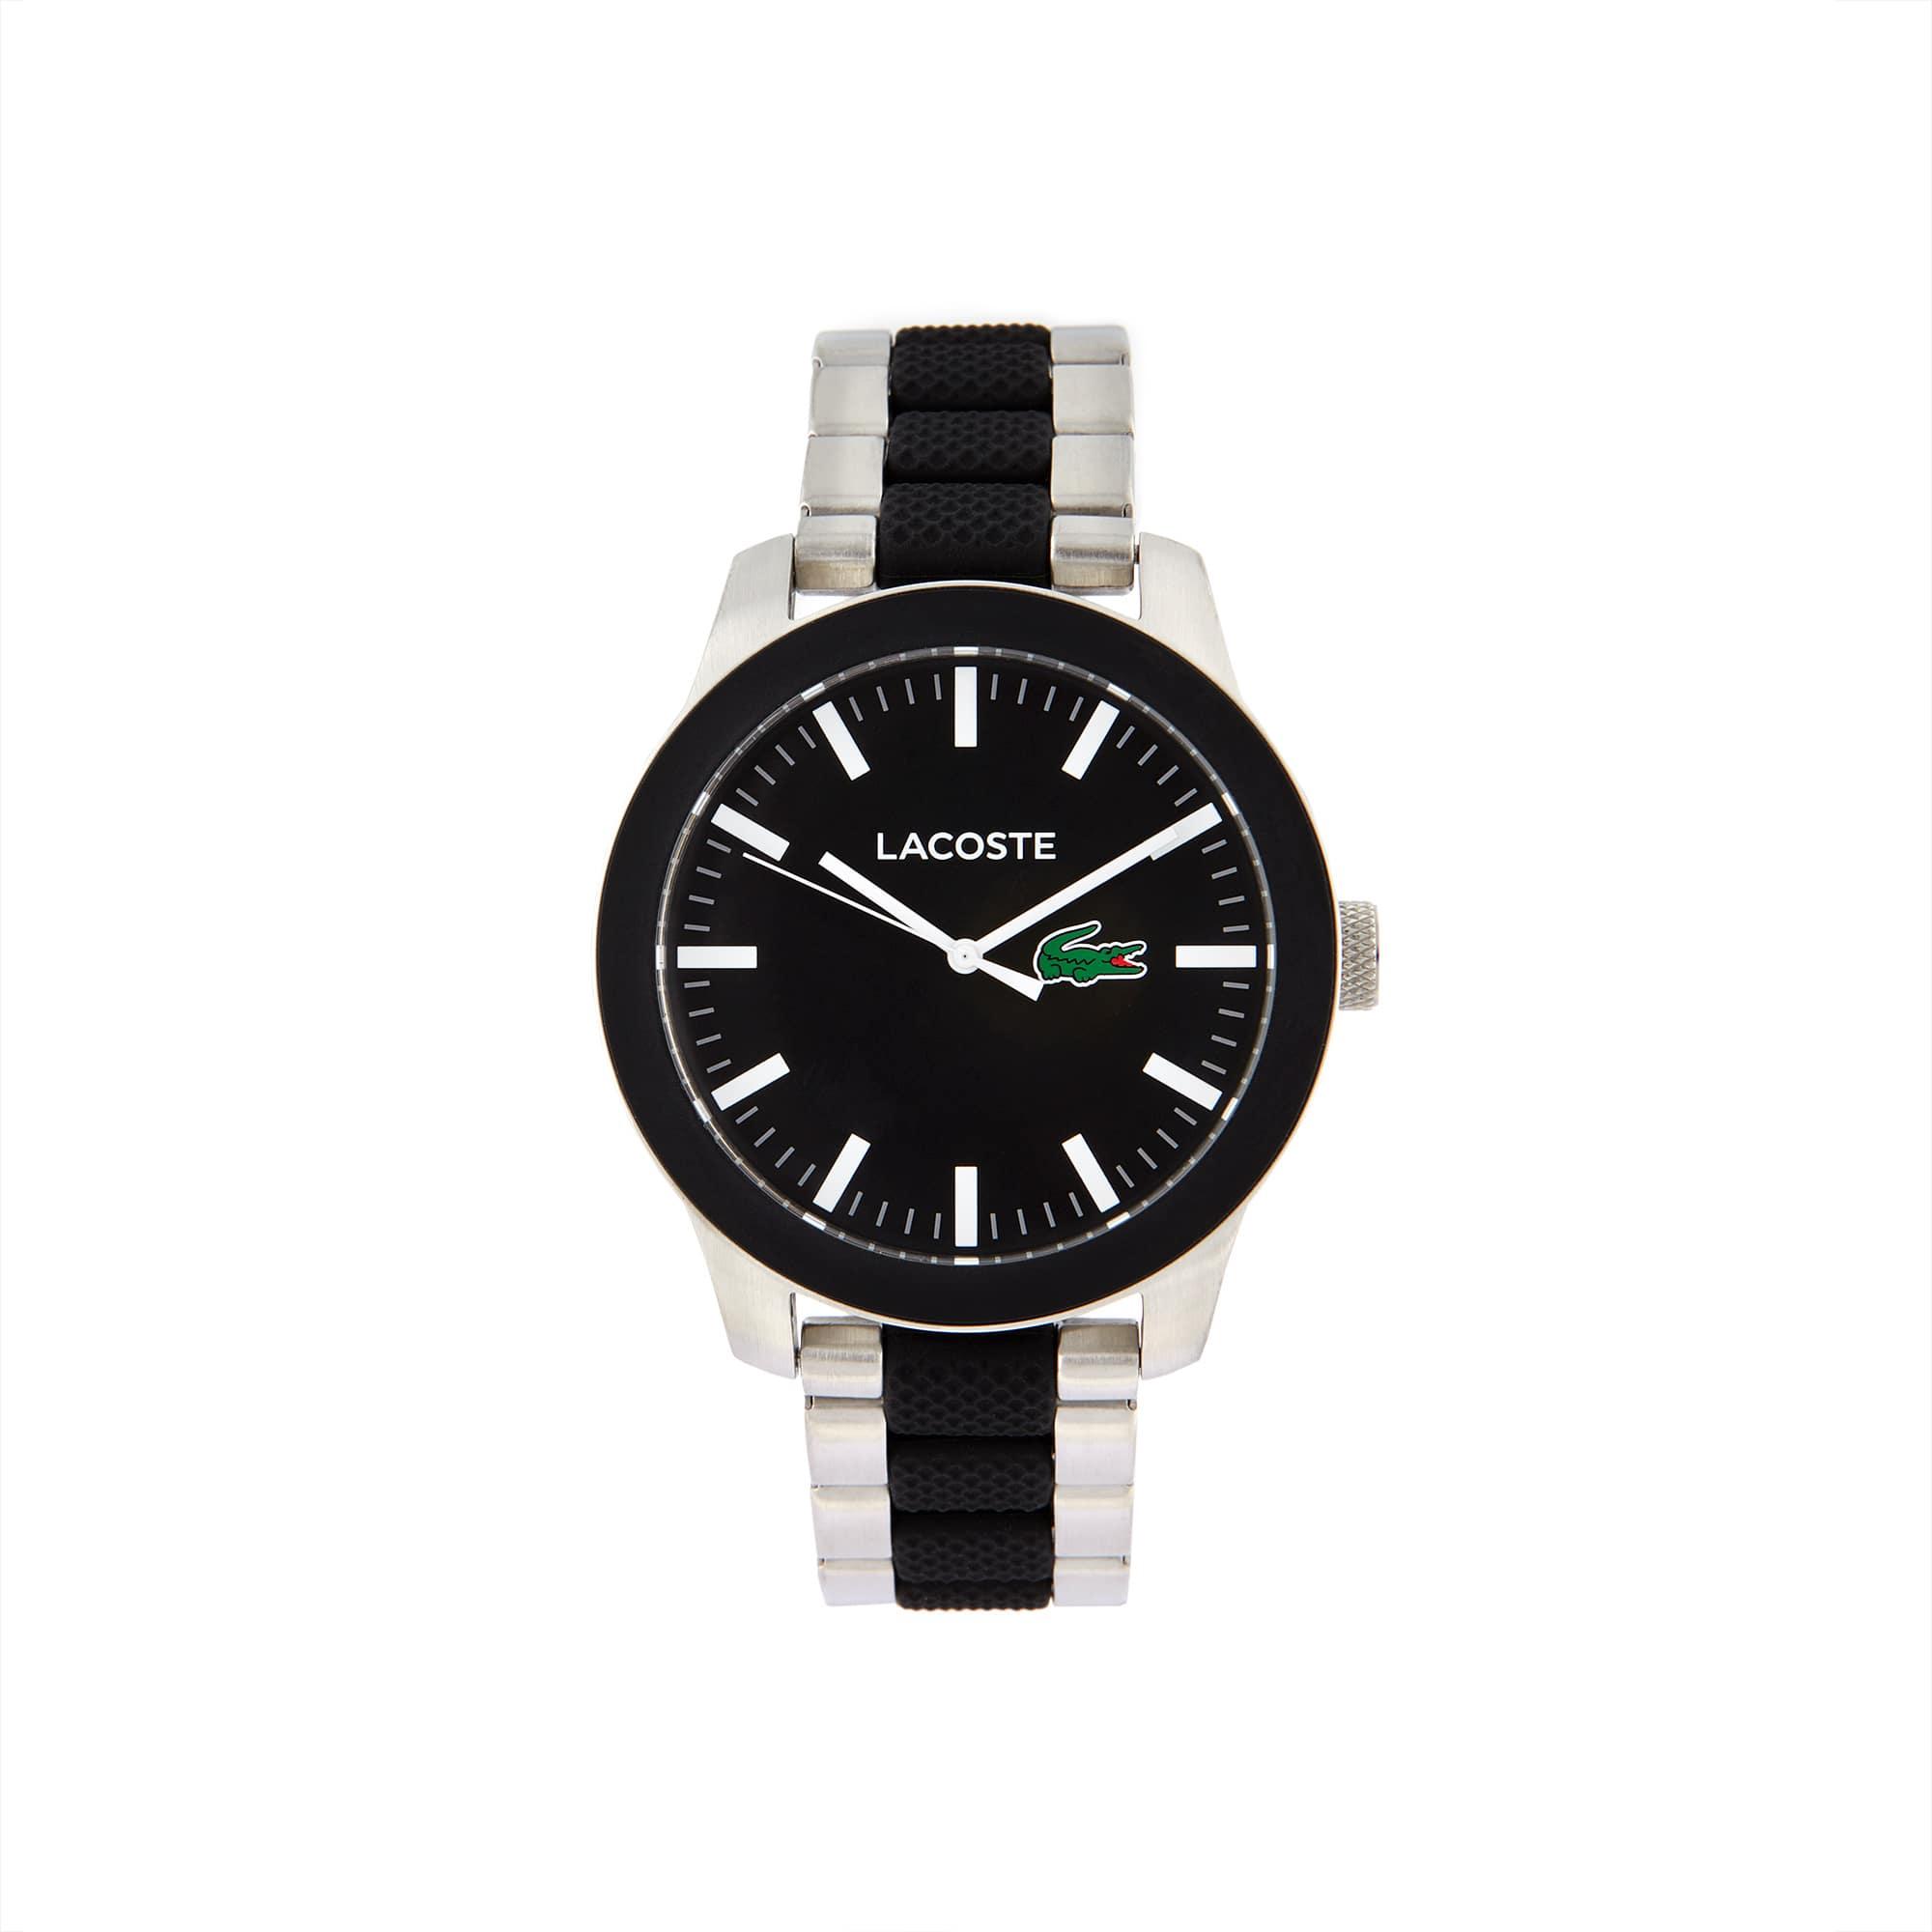 Reloj De Hombre Lacoste 12.12 Con Correa De Acero Negro